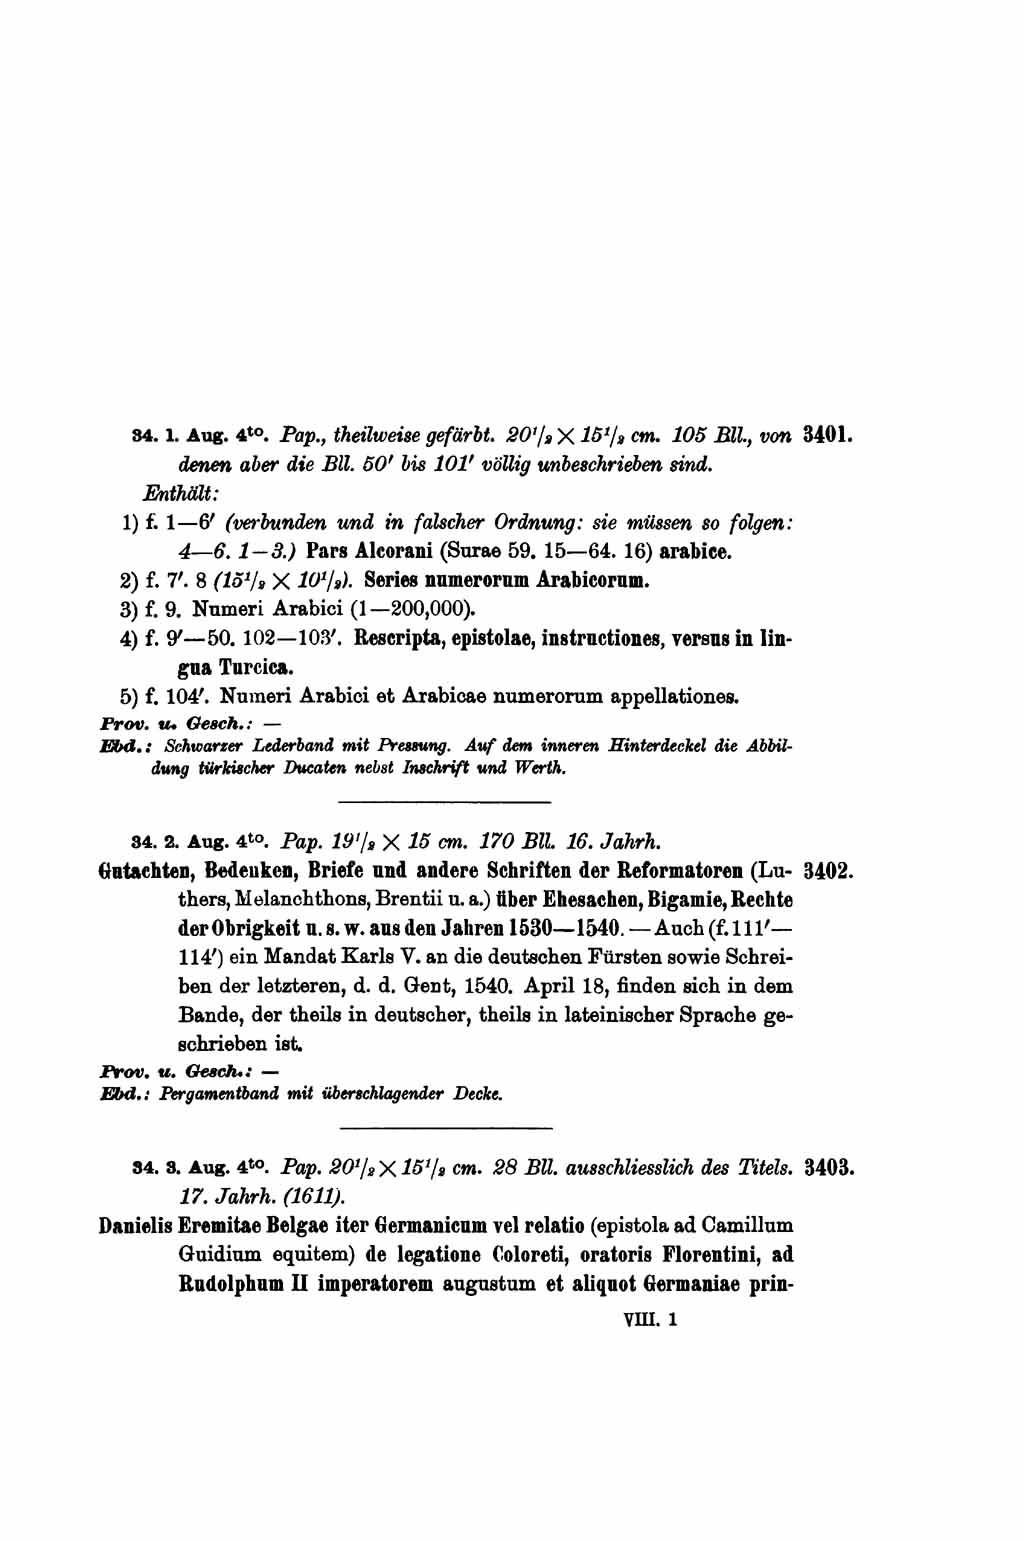 https://diglib.hab.de/drucke/f4f-539-8/00013.jpg